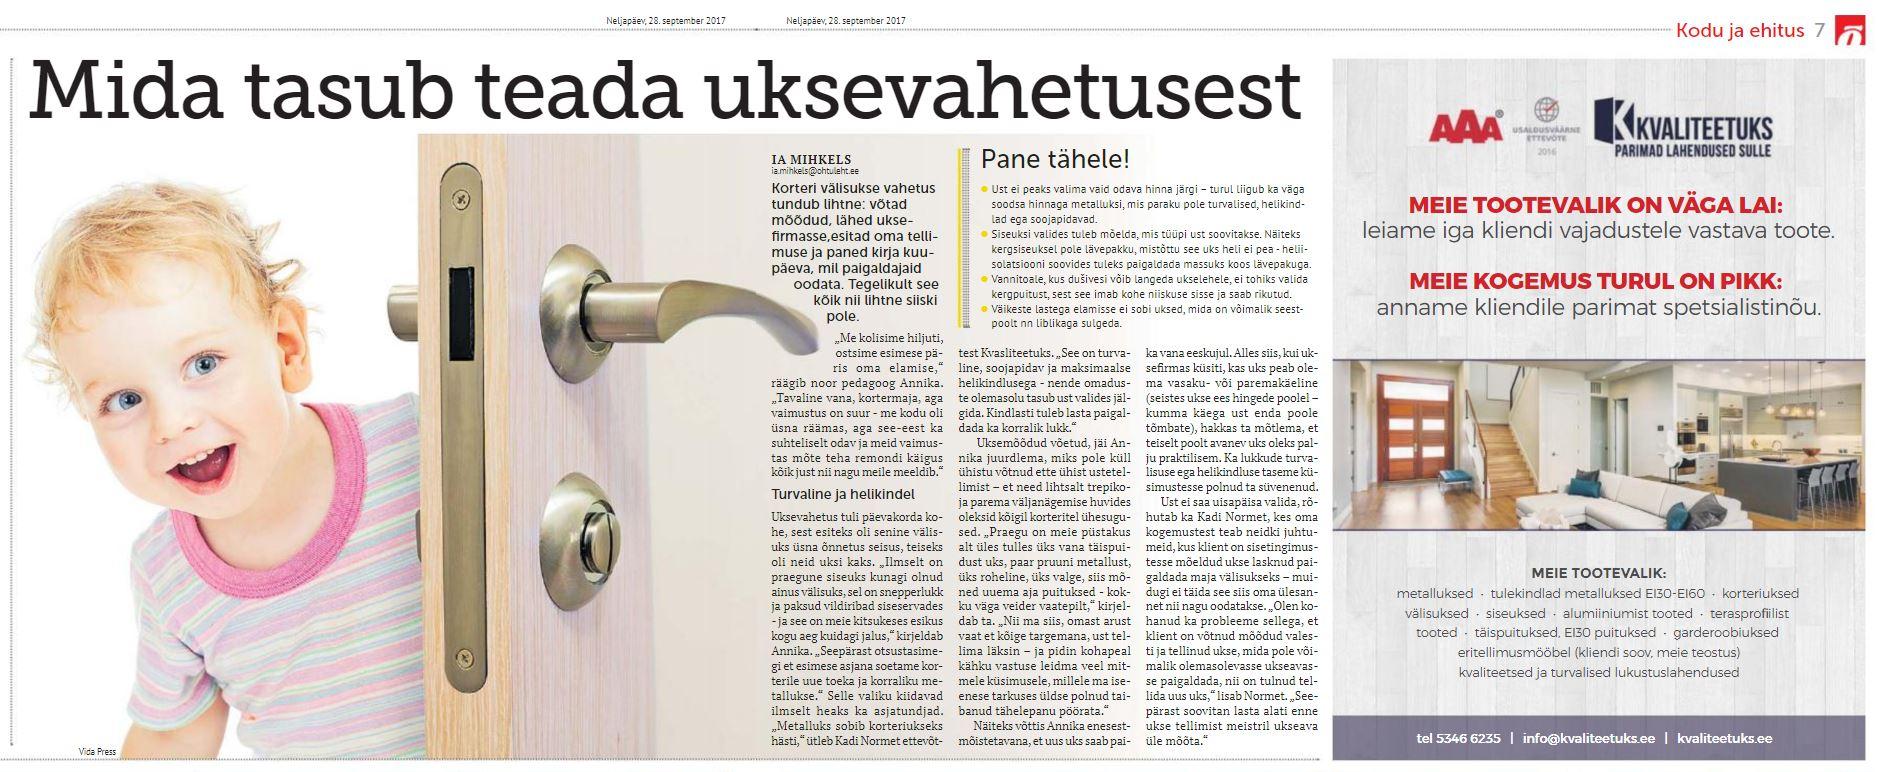 Artikkel - Mida tasub teada uksevahetusest.